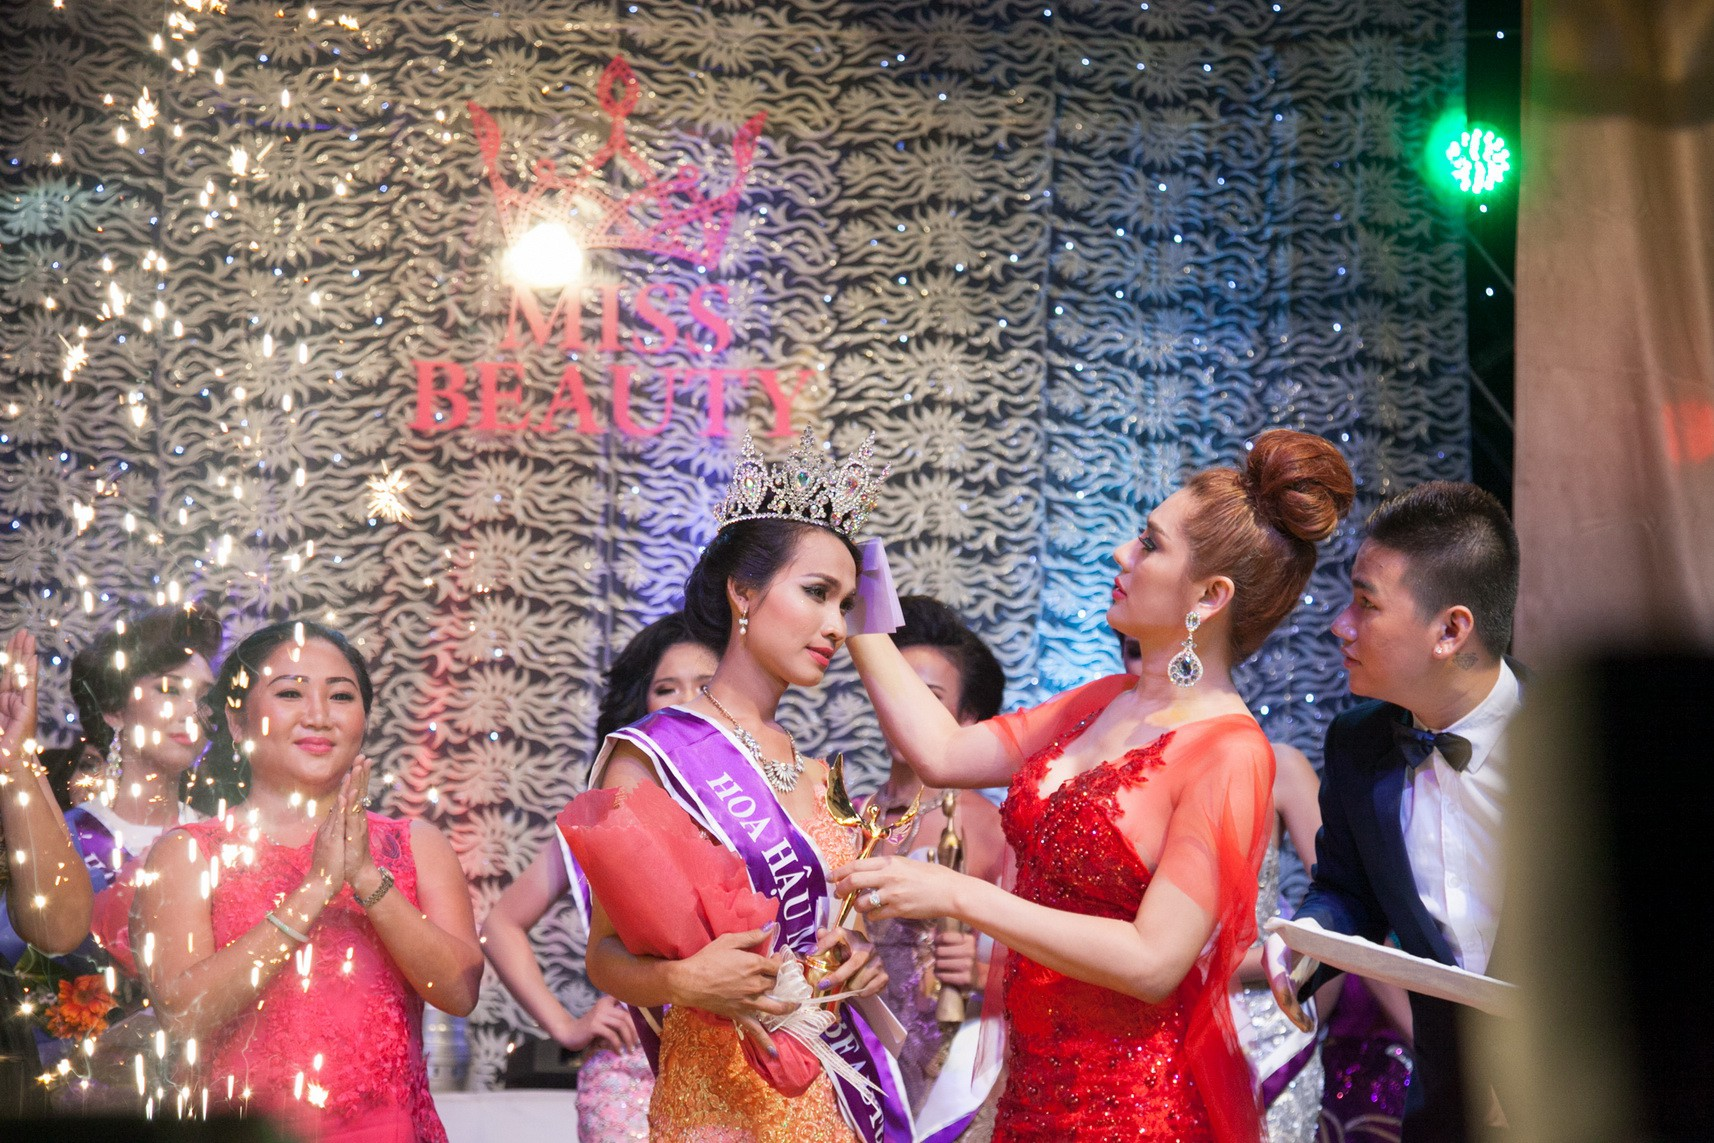 Thiếu sân chơi cho cộng đồng LGBTQ+: Có khó khăn để cấp phép một cuộc thi Hoa hậu chuyển giới ở Việt Nam? - Ảnh 6.